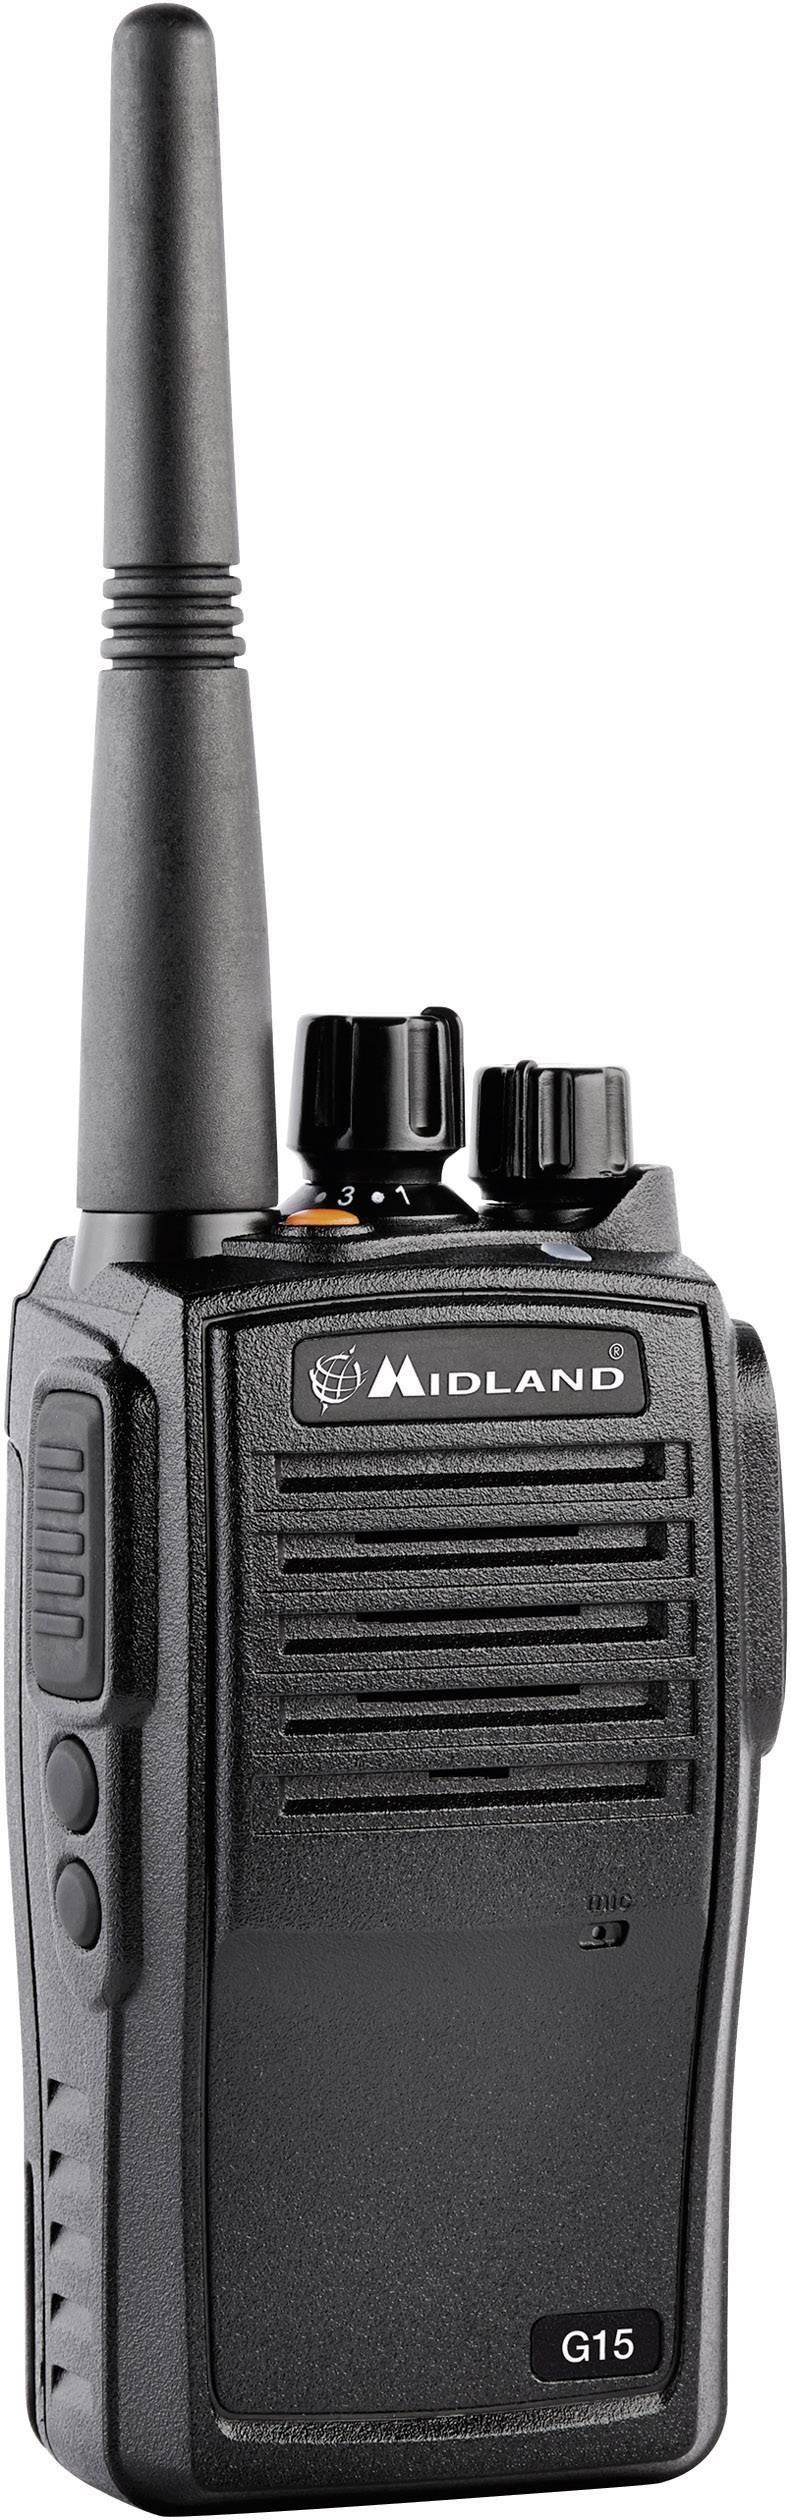 PMR rádiostanica/vysielačka Midland G15 C1127